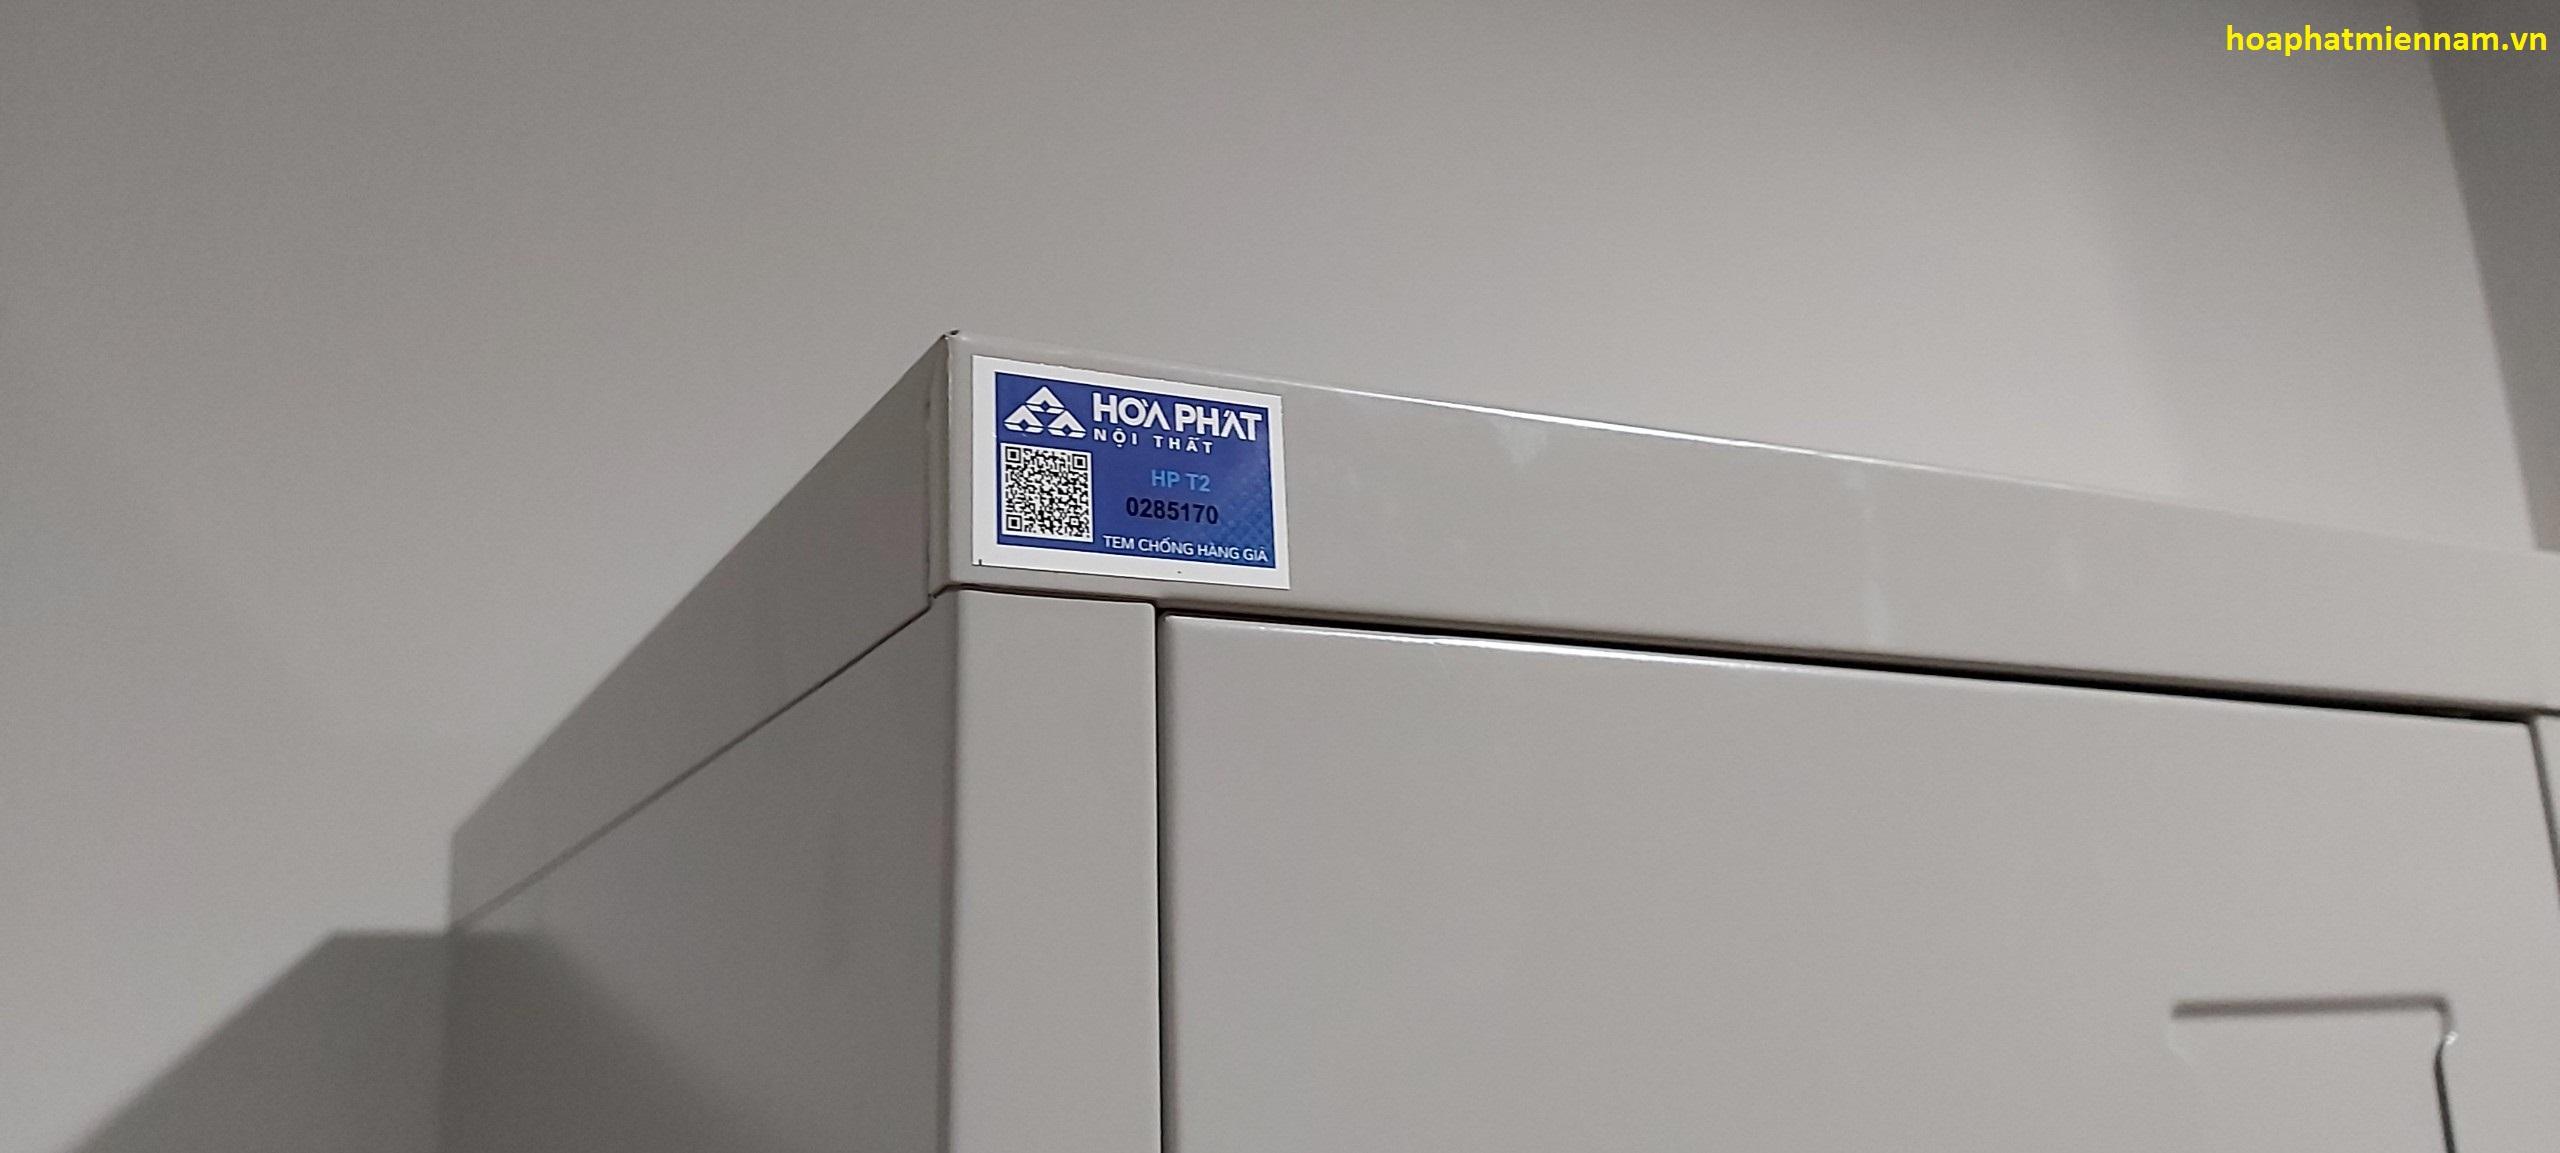 Sản phẩm tủ đựng thiết bị hòa phát với tem chống hàng giả kiểu mới